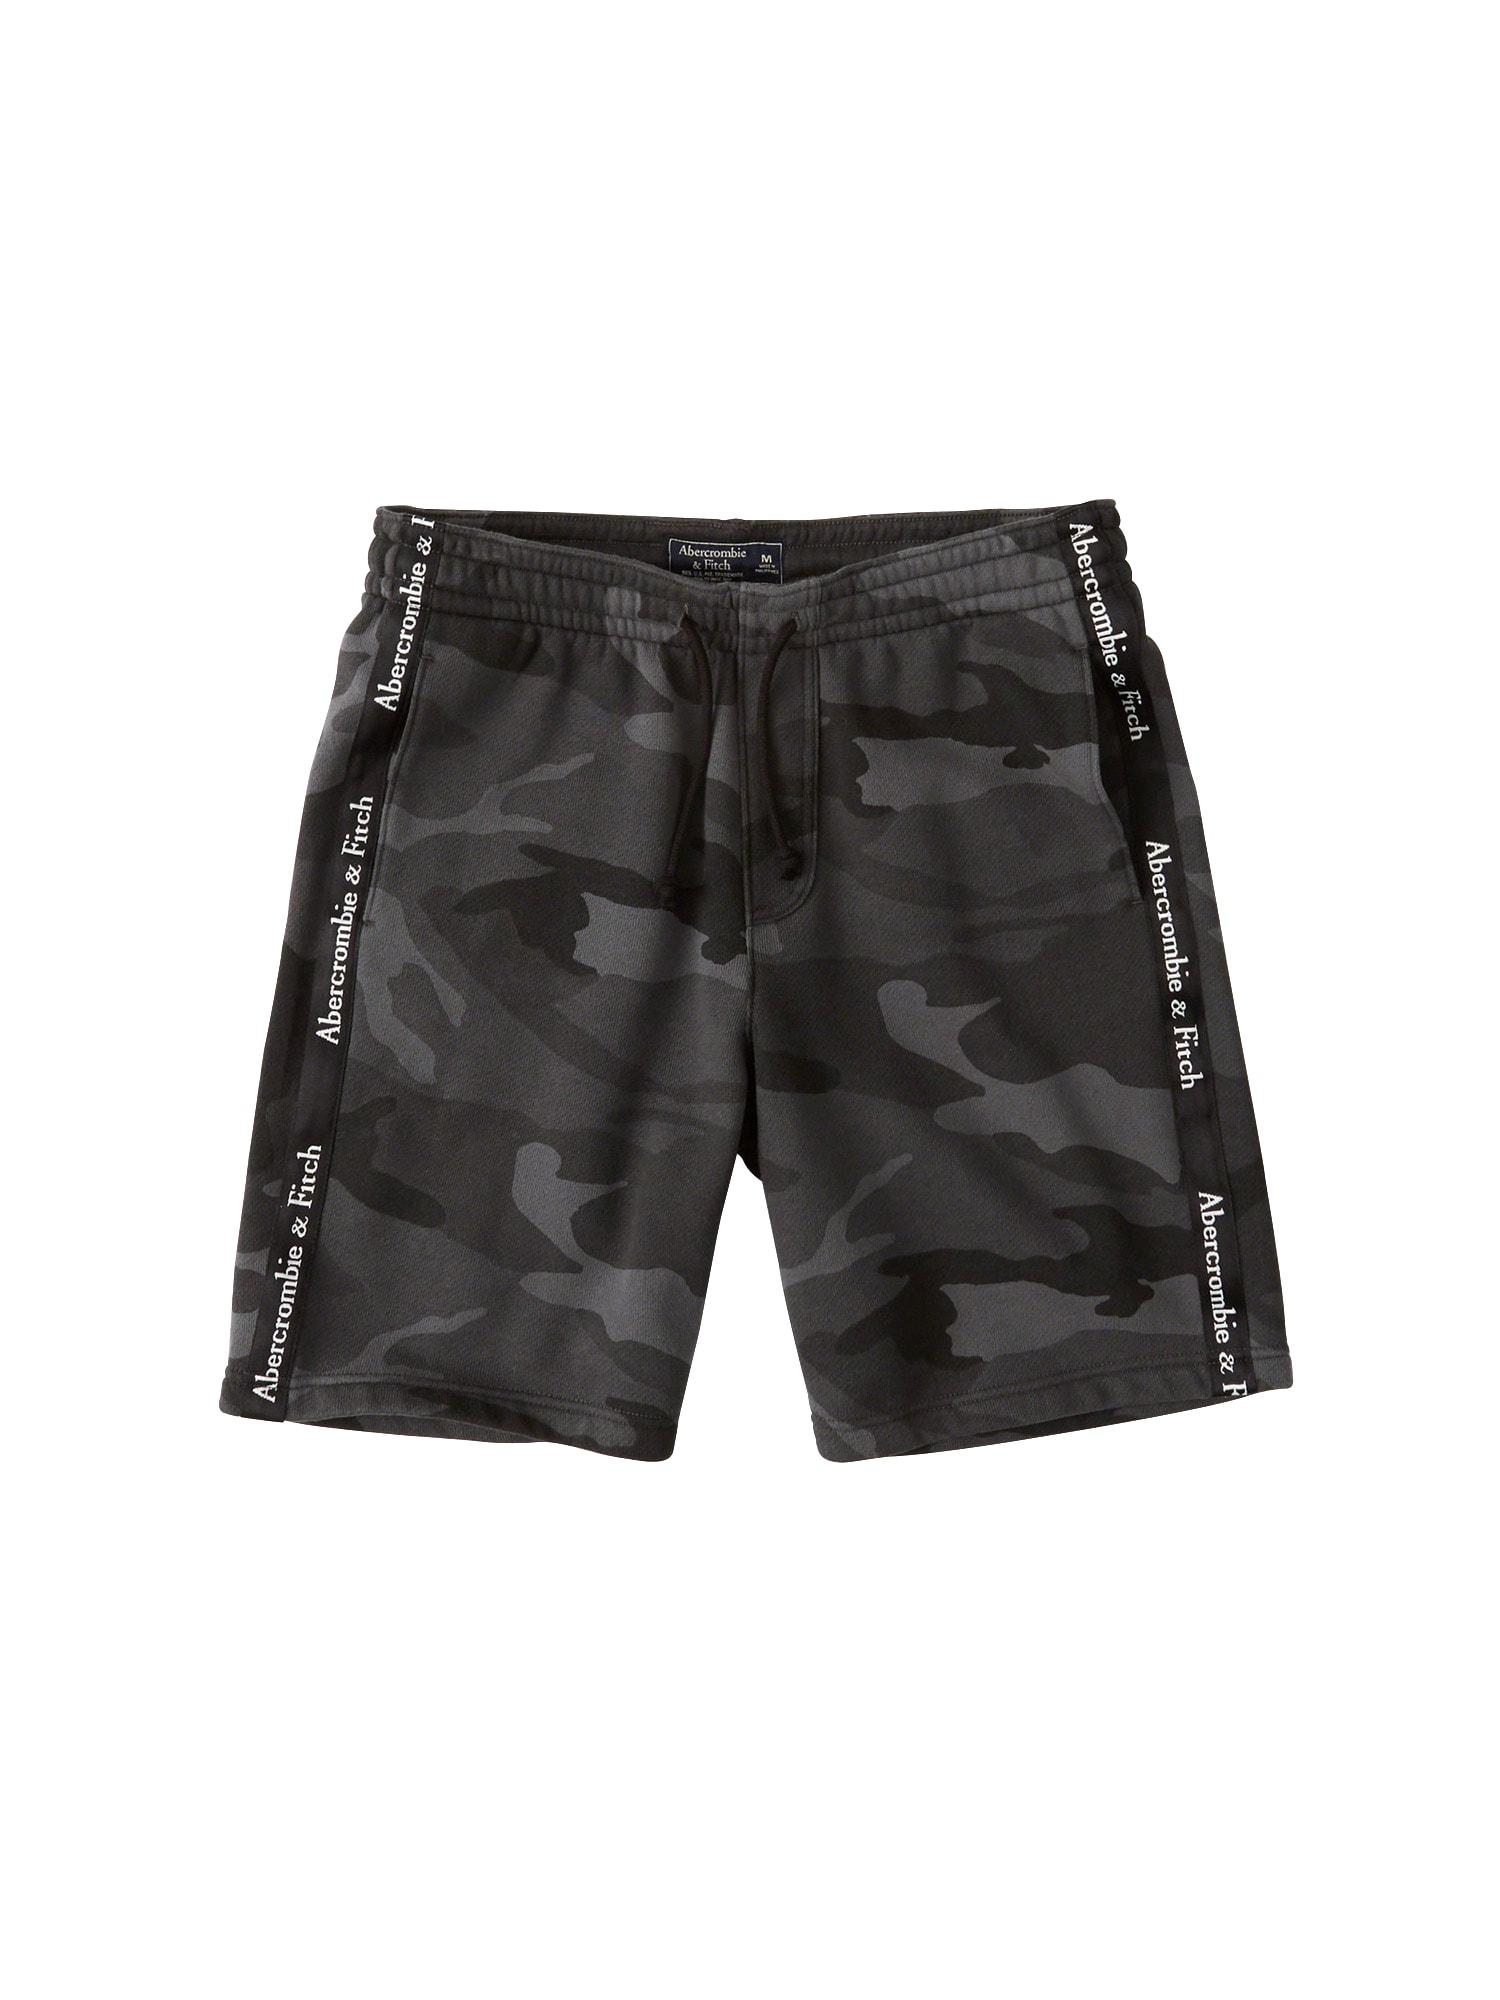 Kalhoty CAMO R06 antracitová černá Abercrombie & Fitch